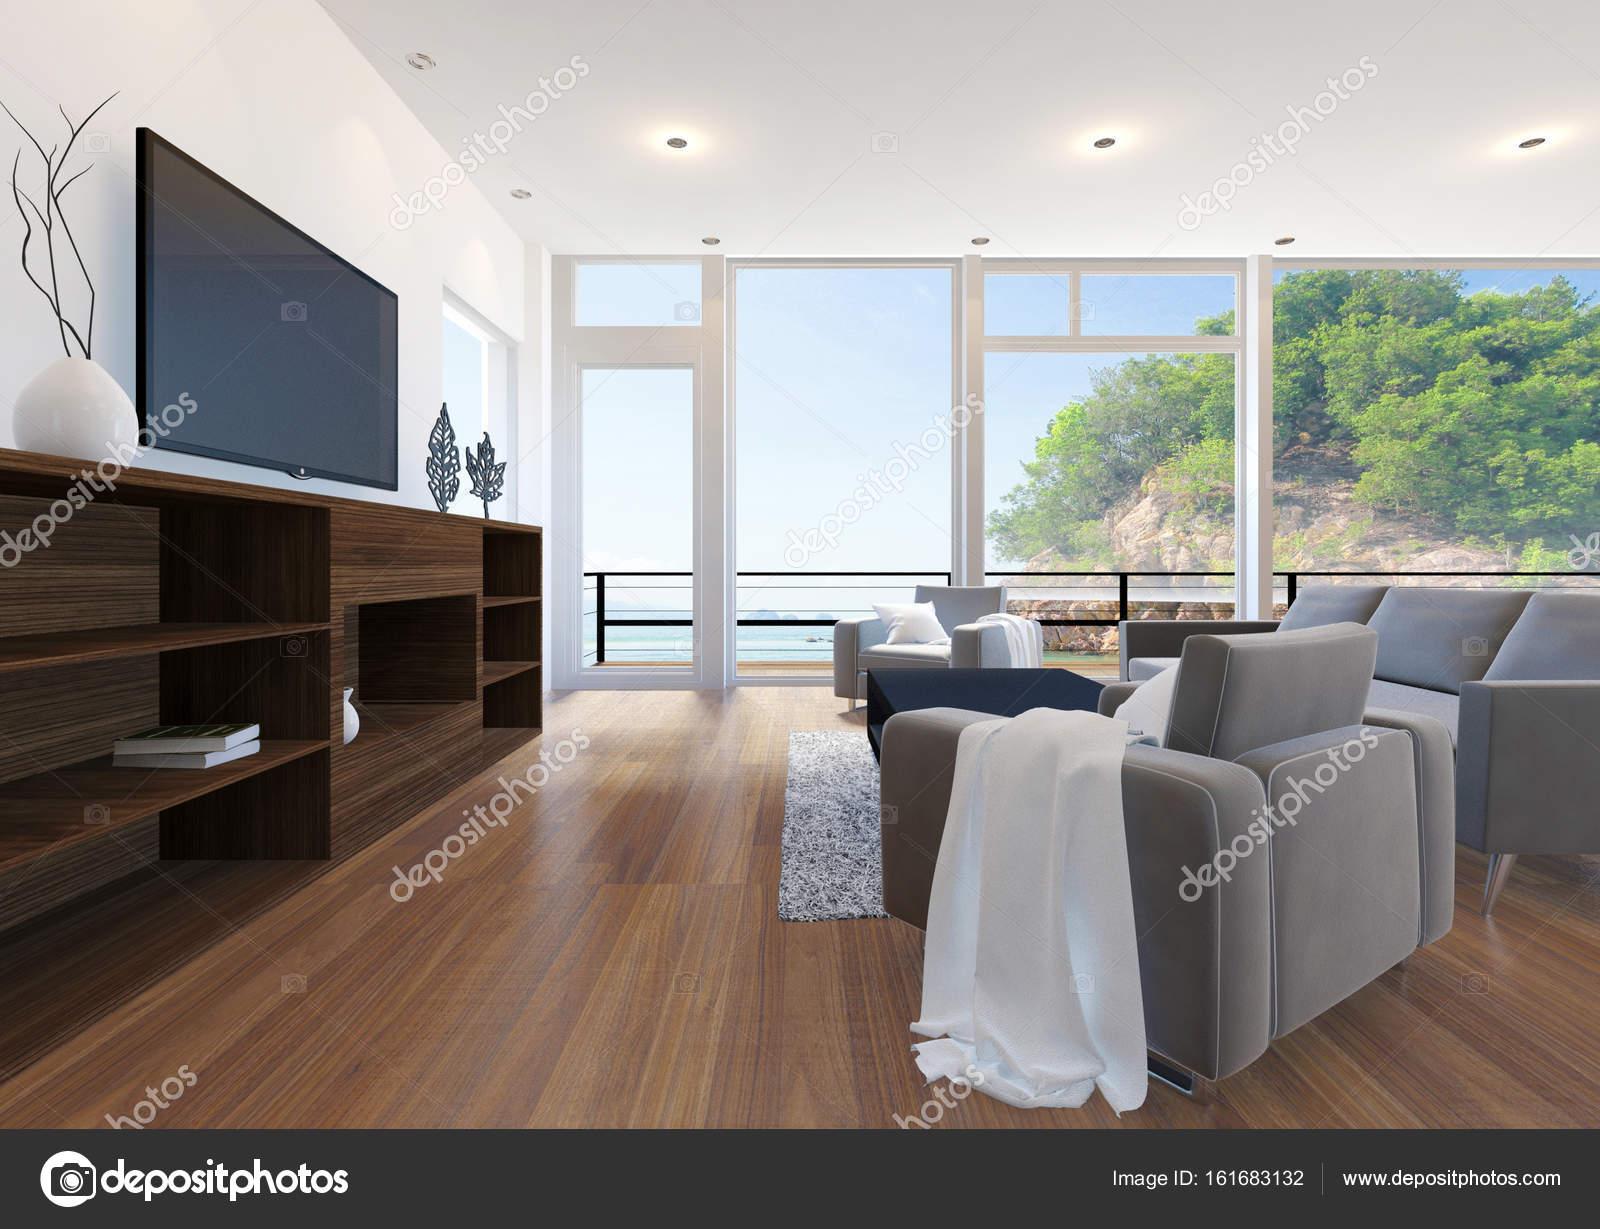 Schon Moderne Wohnung Wohnzimmer Interieur Mit Blick Aufs Meer, 3D Rendering U2014  Stockfoto